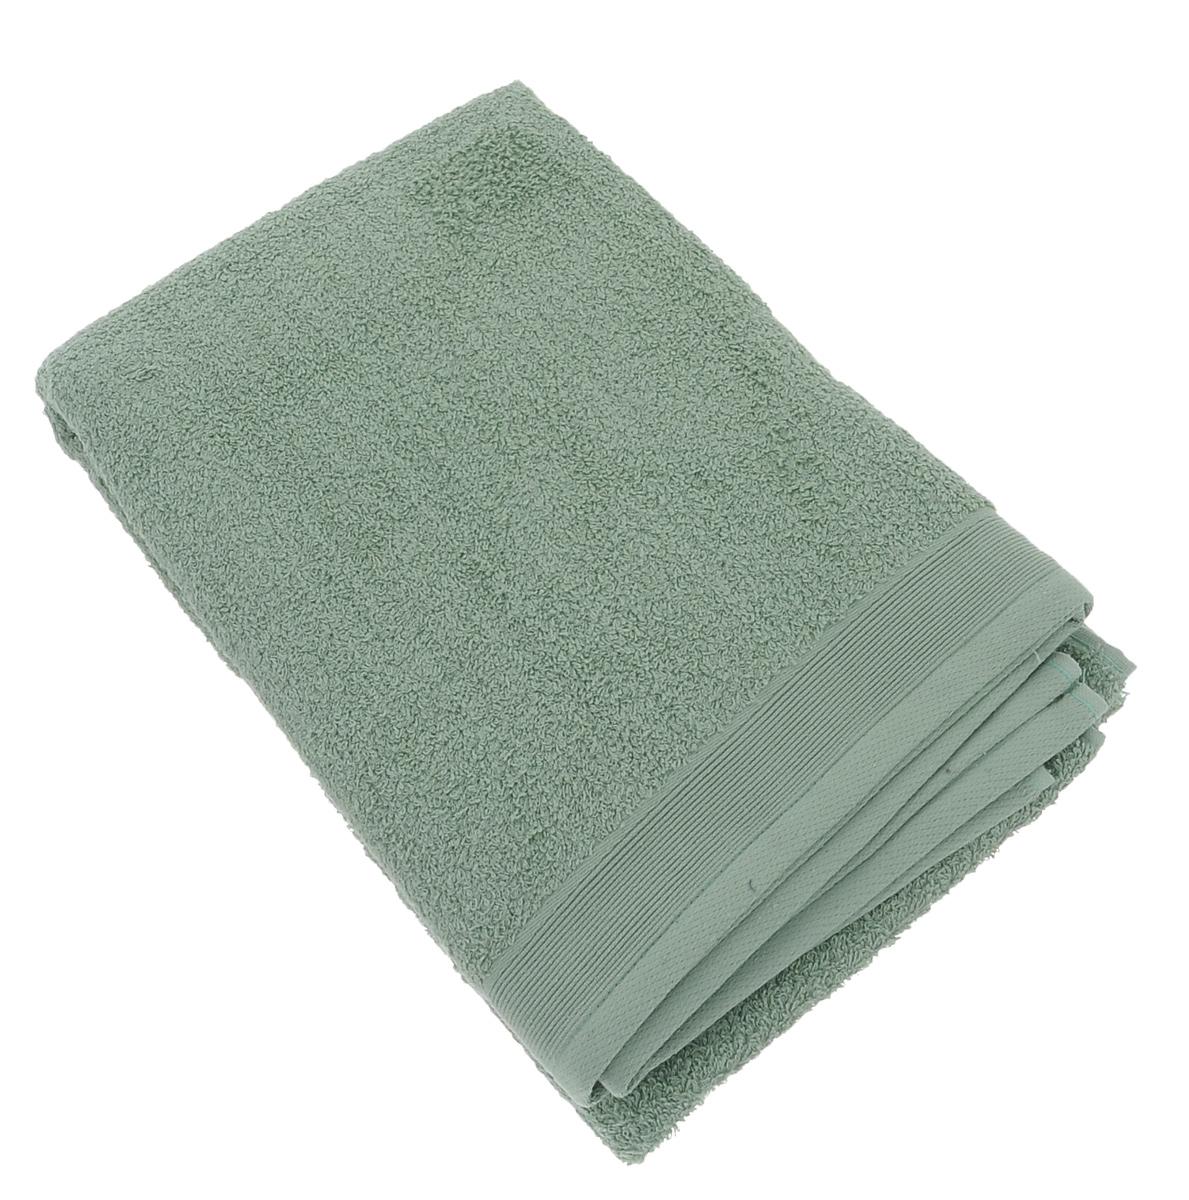 Полотенце махровое Guten Morgen, цвет: светло-зеленый, 100 х 150 смПМСз-100-150В состав полотенца Guten Morgen входит только натуральное волокно - хлопок. Лаконичные бордюры подойдут для любого интерьера ванной комнаты. Полотенце прекрасно впитывает влагу и быстро сохнет. При соблюдении рекомендаций по уходу не линяет и не теряет форму даже после многократных стирок. Плотность: 500 г/м2.